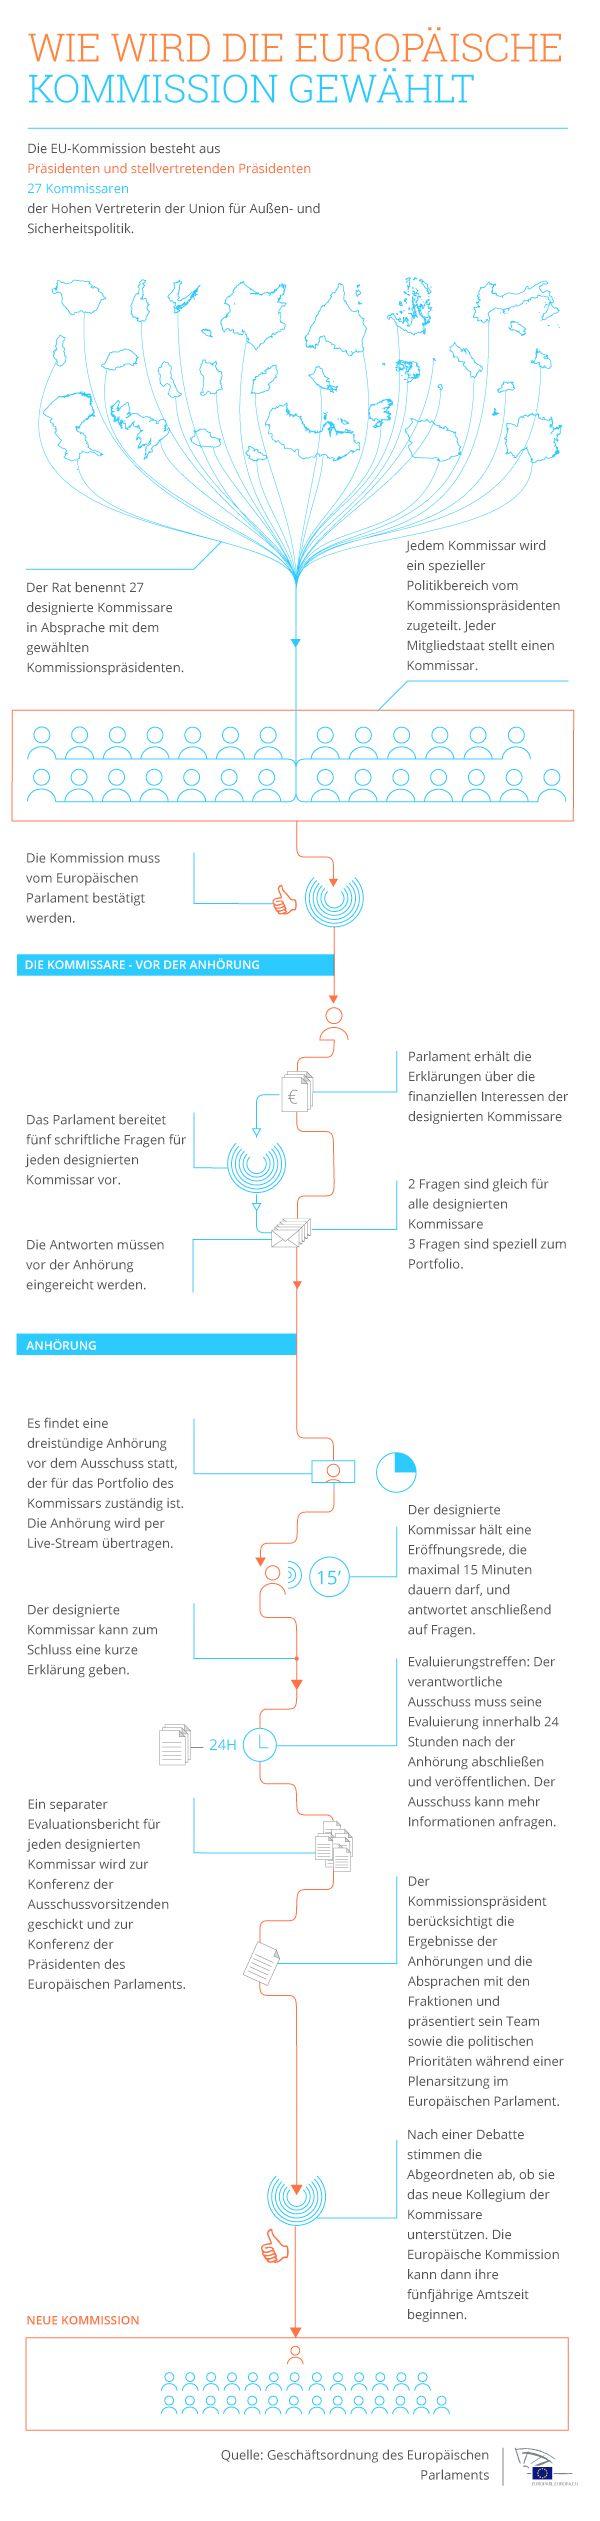 Infografik: Wie wird die Europäische Kommission gewählt?